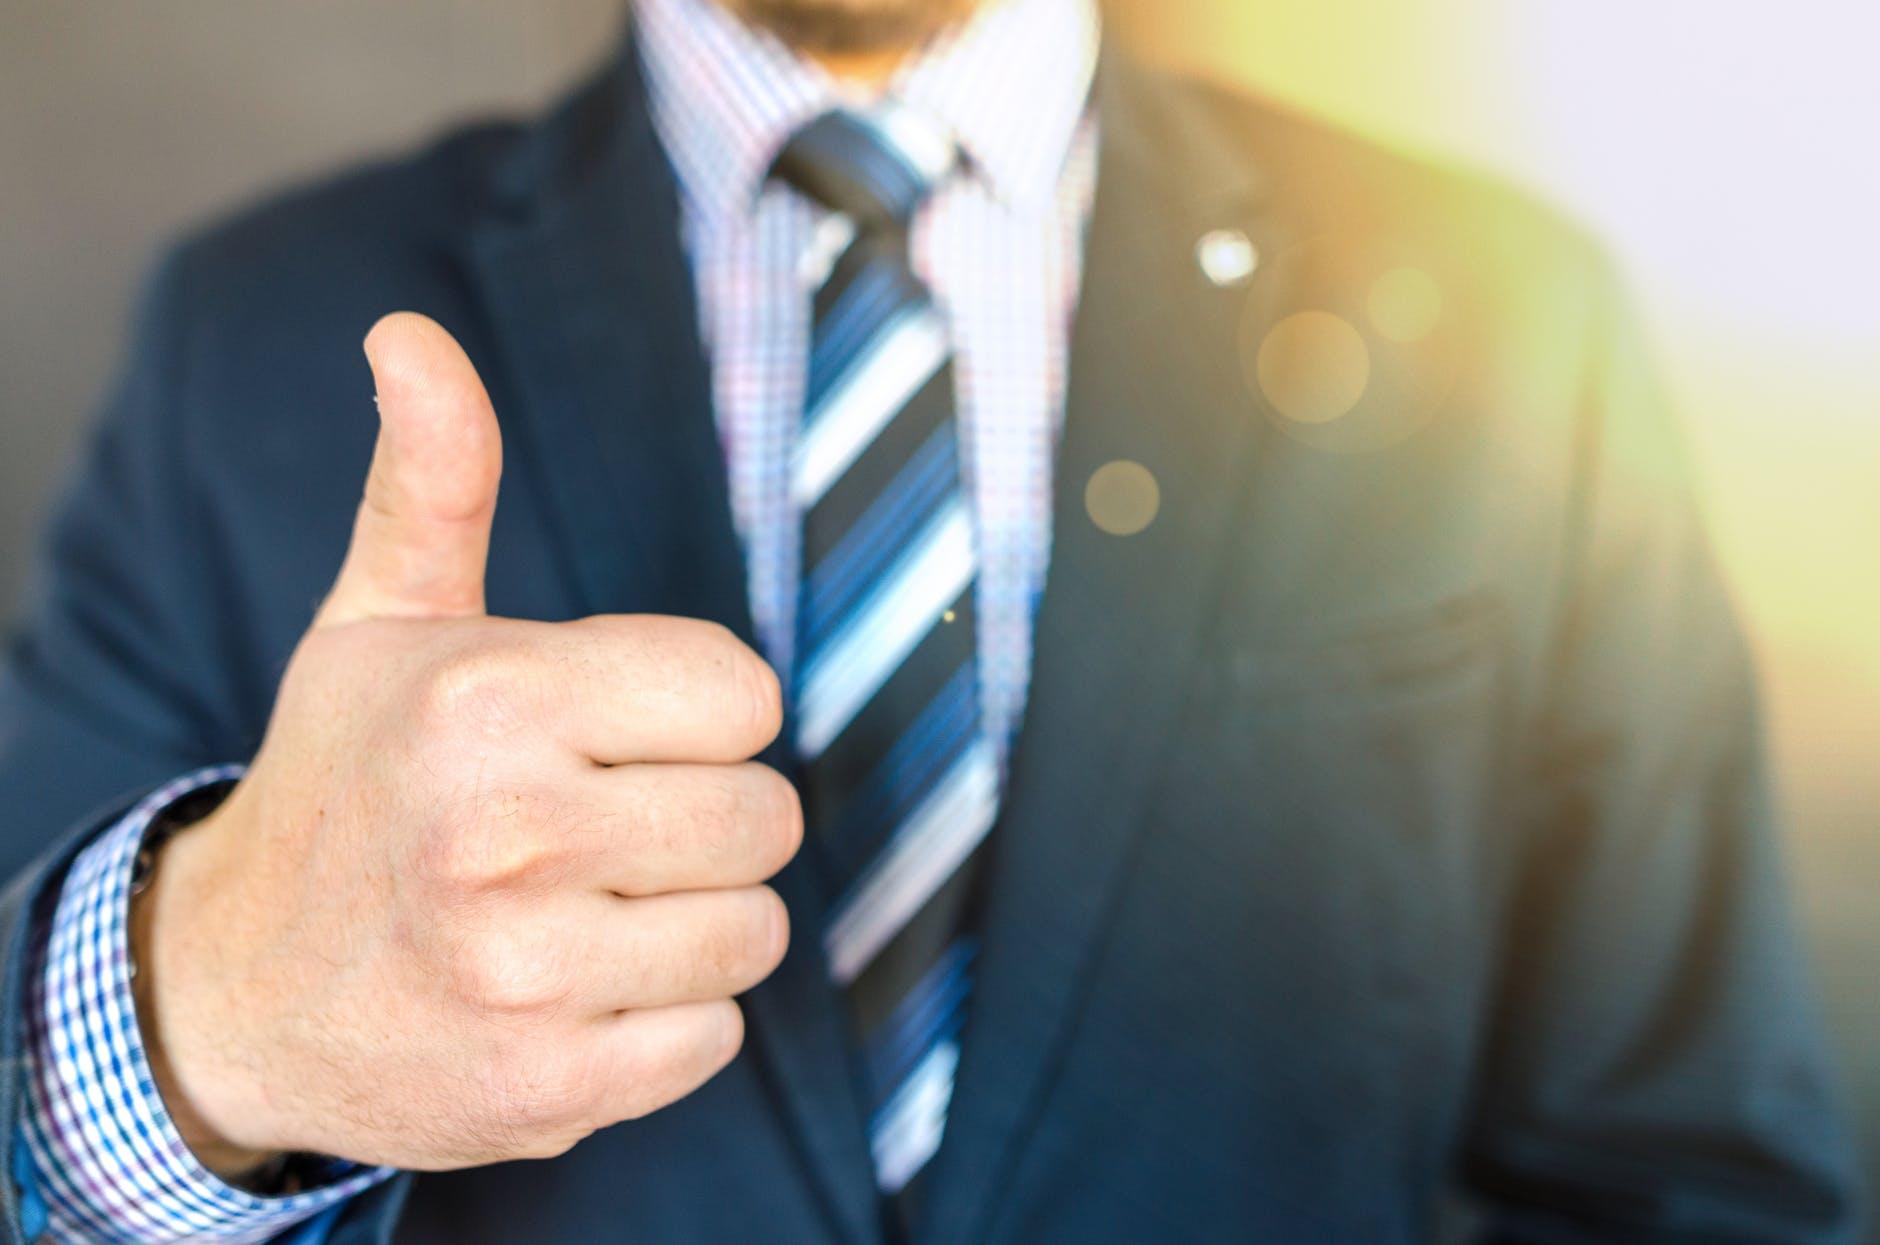 Giới thiệu bản thân một cách cởi mở cùng với những điểm mạnh của mình sẽ giúp bạn ghi điểm trong mắt nhà tuyển dụng